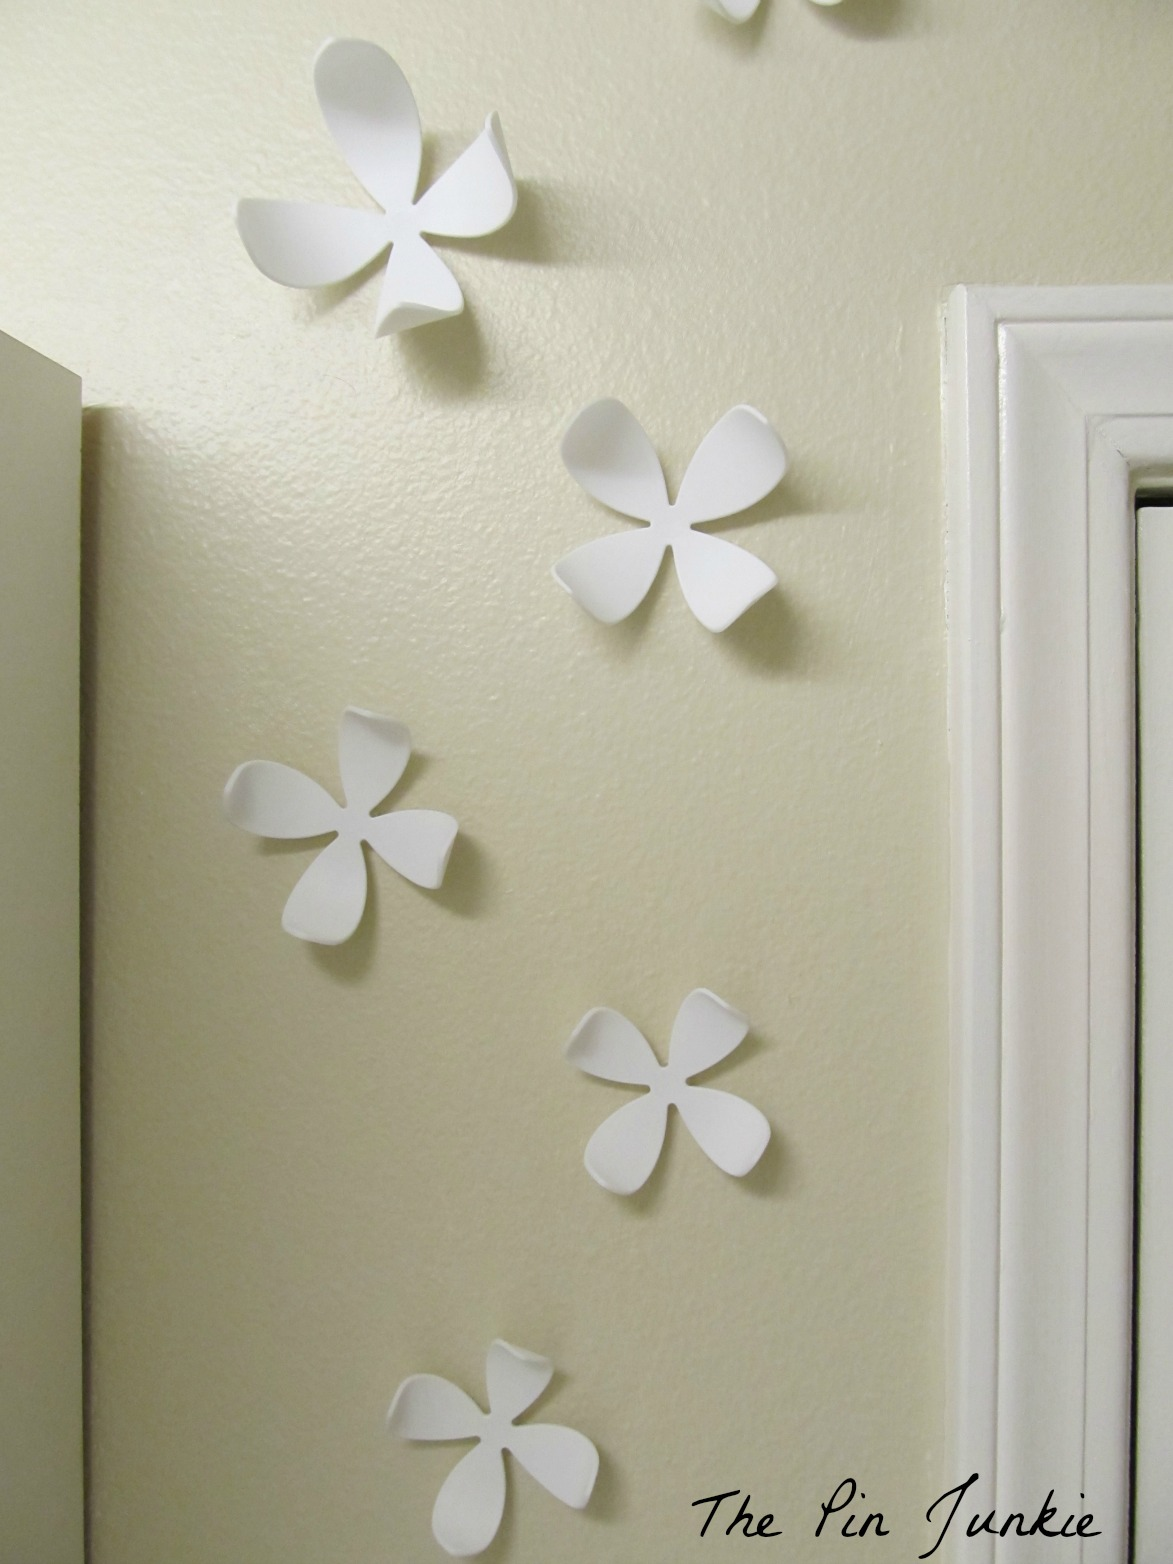 3d wall art and decorcoolest d wall art in home decor arrangement 3d flower wall decor amipublicfo Choice Image